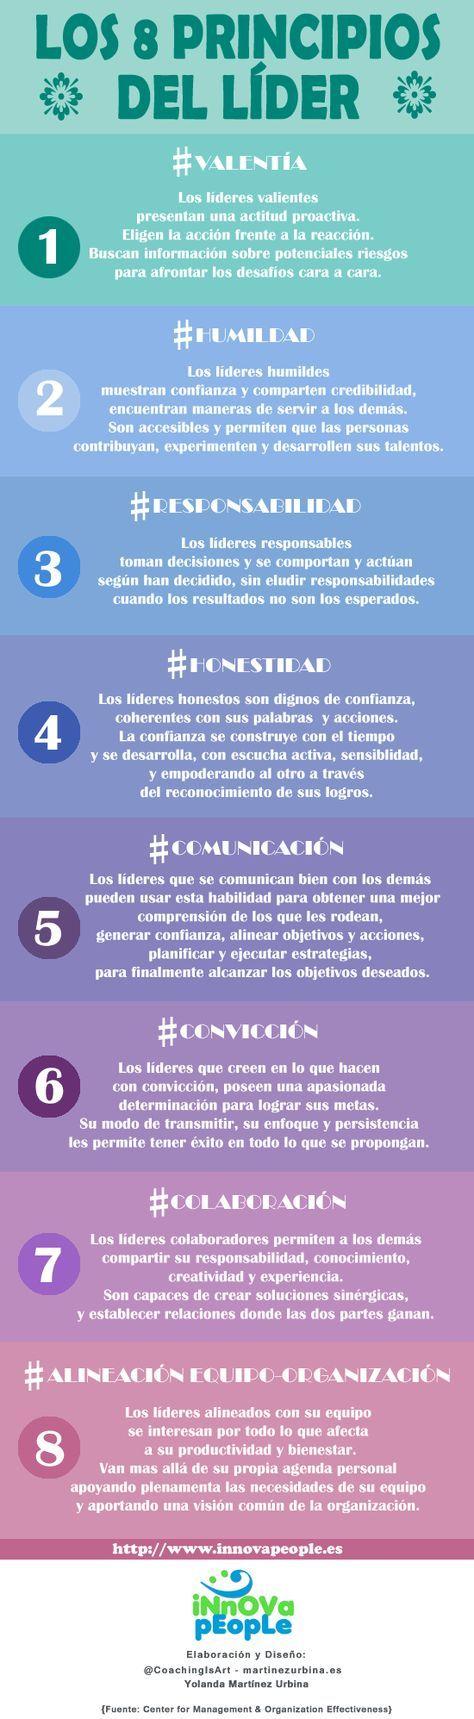 Los 8 principios del líder: http://www.martinezurbina.es/2013/11/los-8-principios-del-lider-excelente.html #Liderazgo #infografia